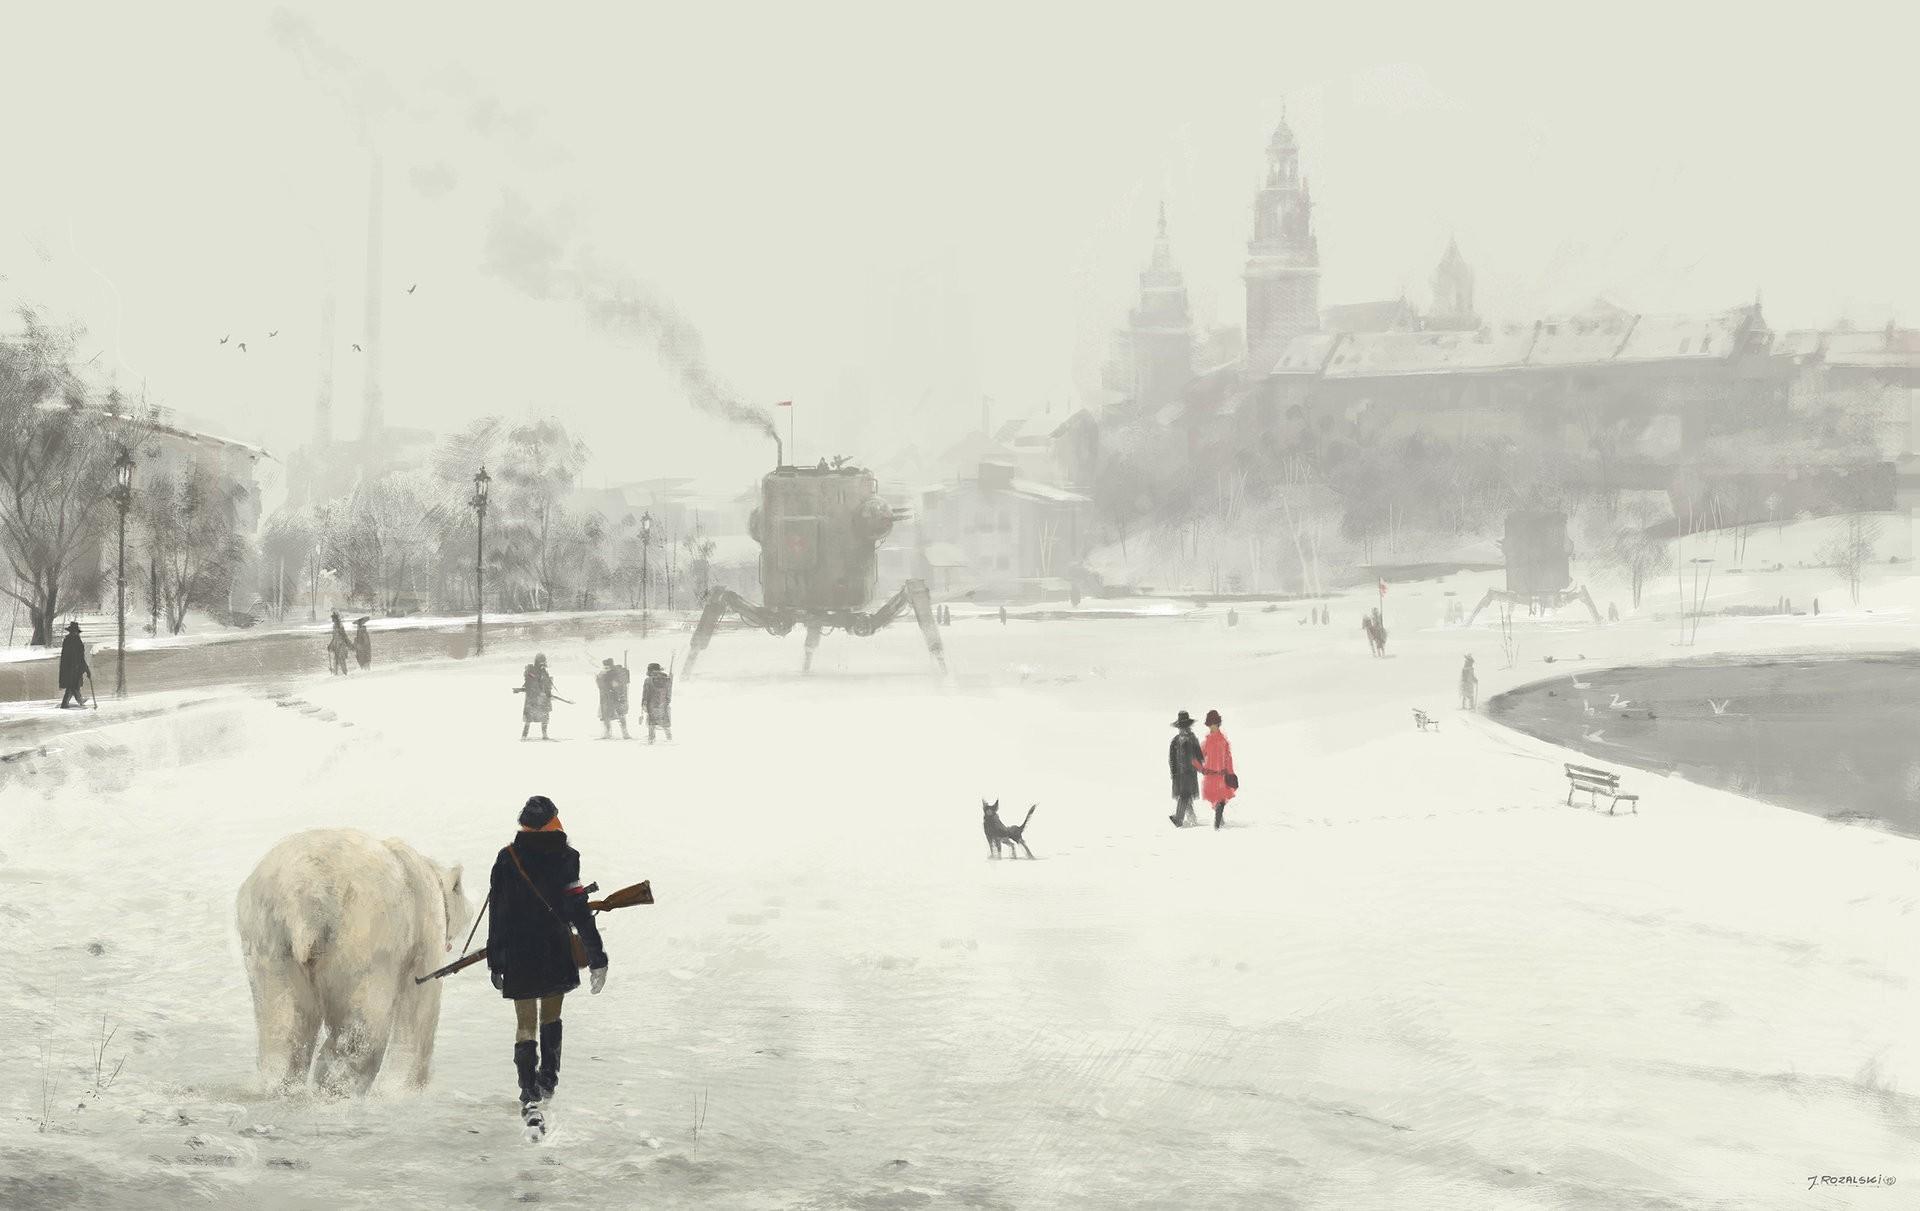 Masaüstü Boyama Kar Buz Soğuk Steampunk Dondurucu Hava